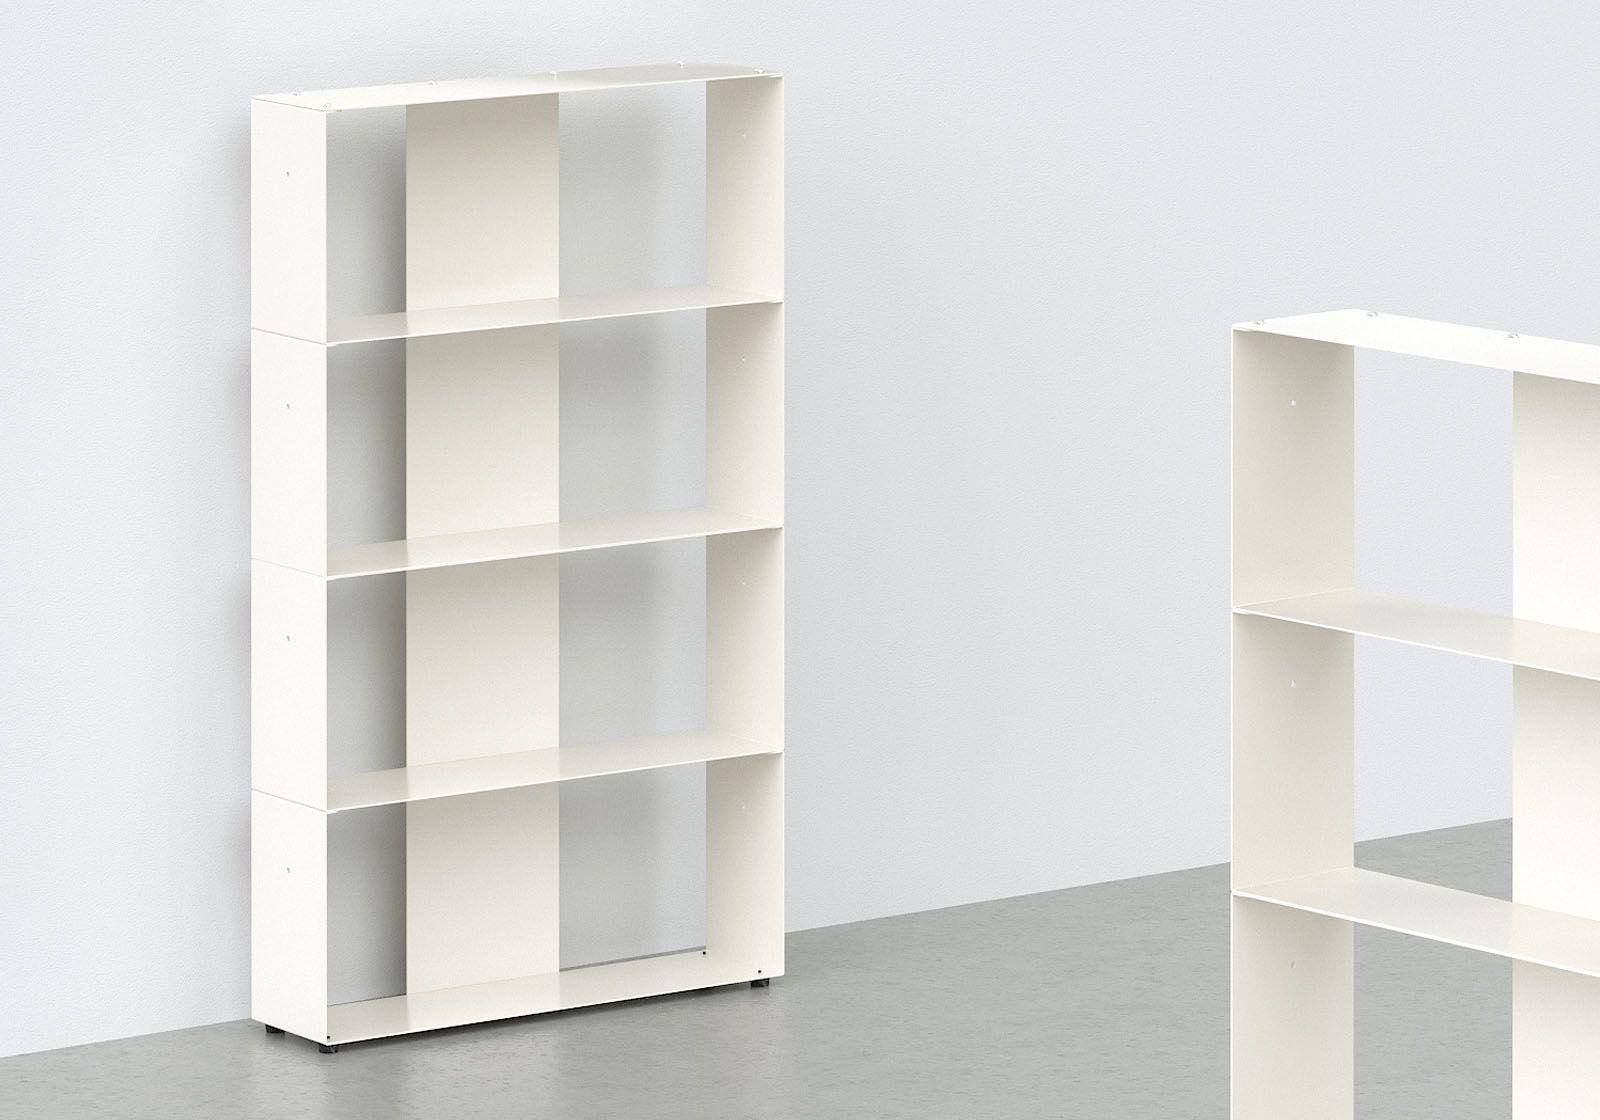 meuble biblioth que m tal blanc l60 h100 p15 cm 4 niveaux. Black Bedroom Furniture Sets. Home Design Ideas